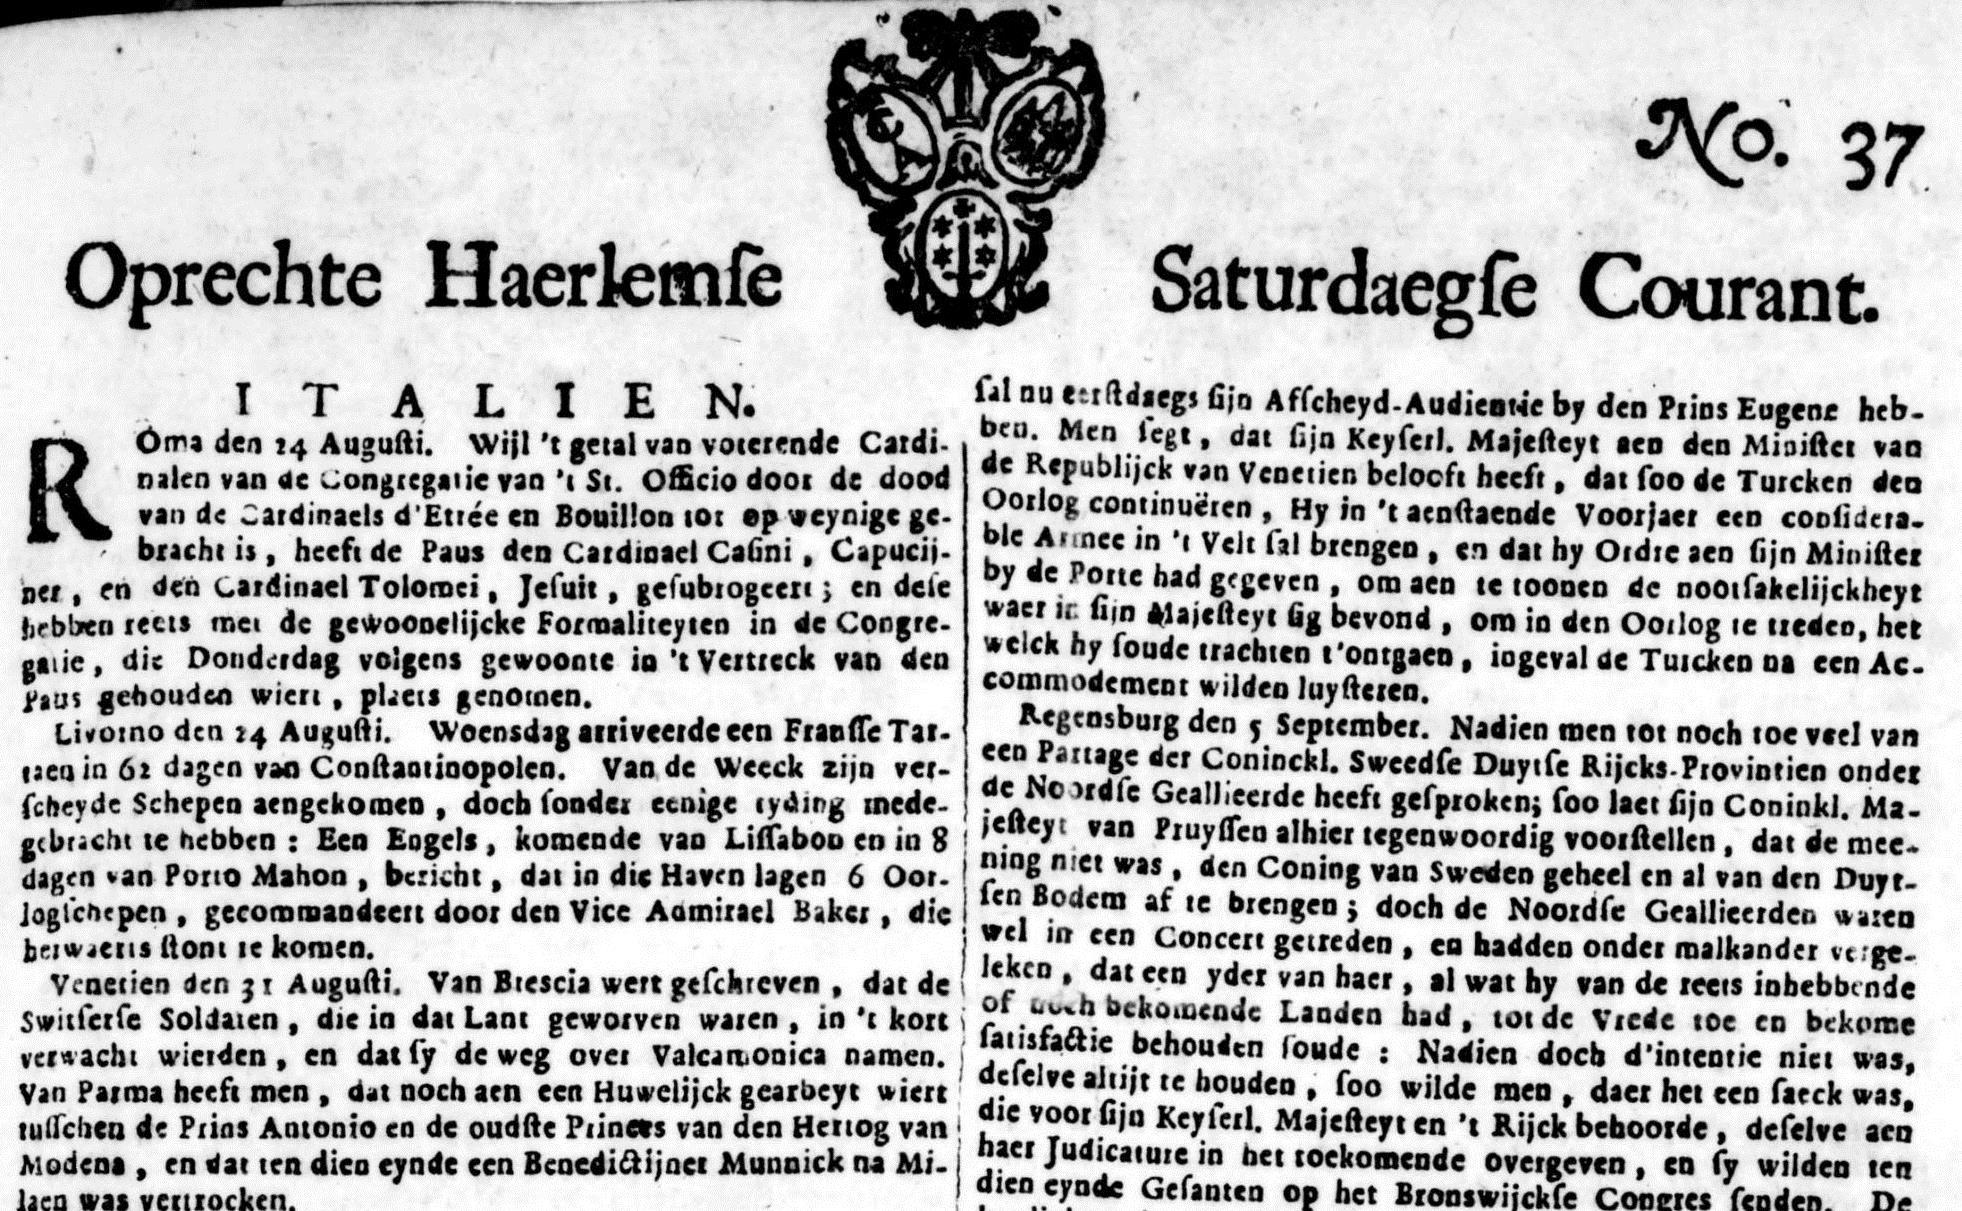 Wat schreef de krant in 1715?